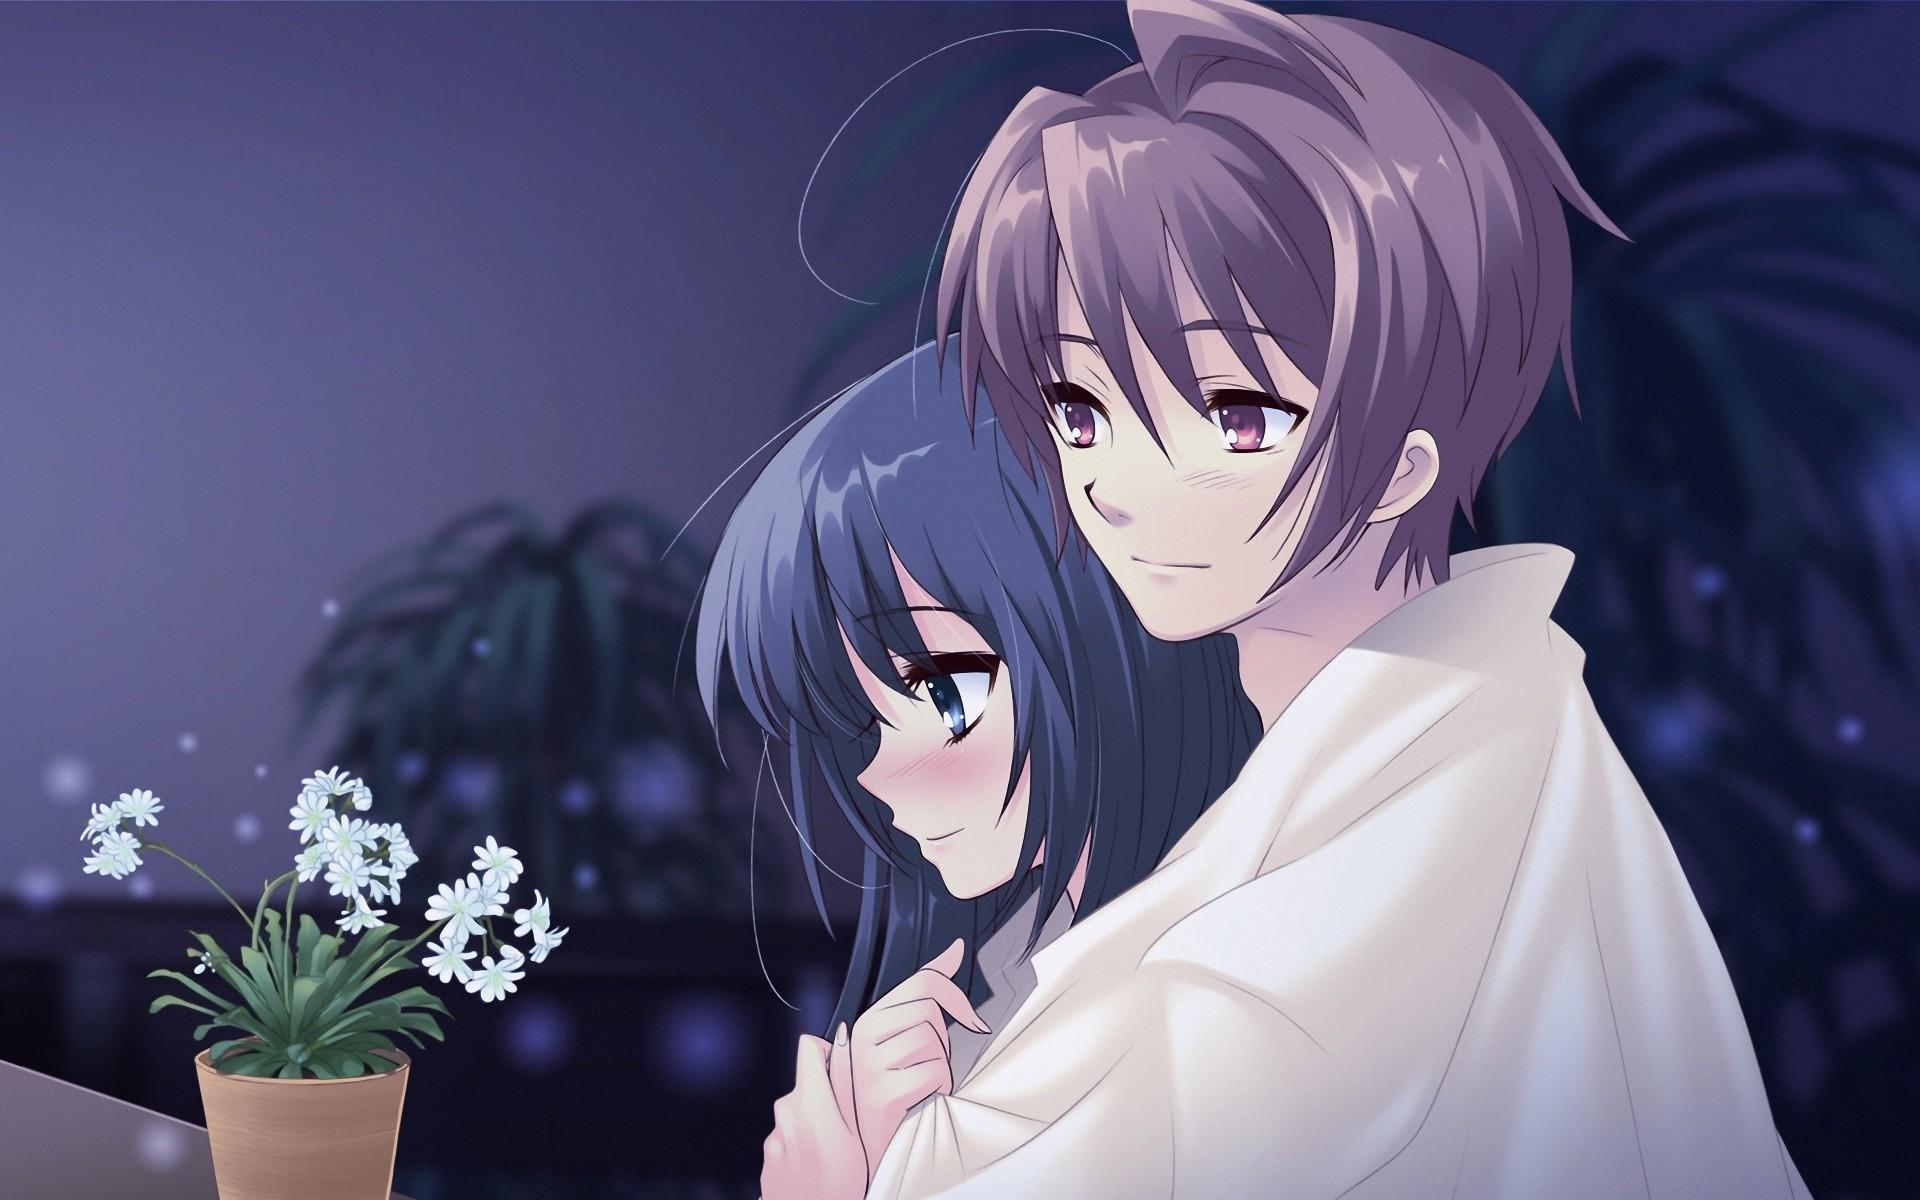 Anime Boy Girl Pot Flower Hug Tenderness